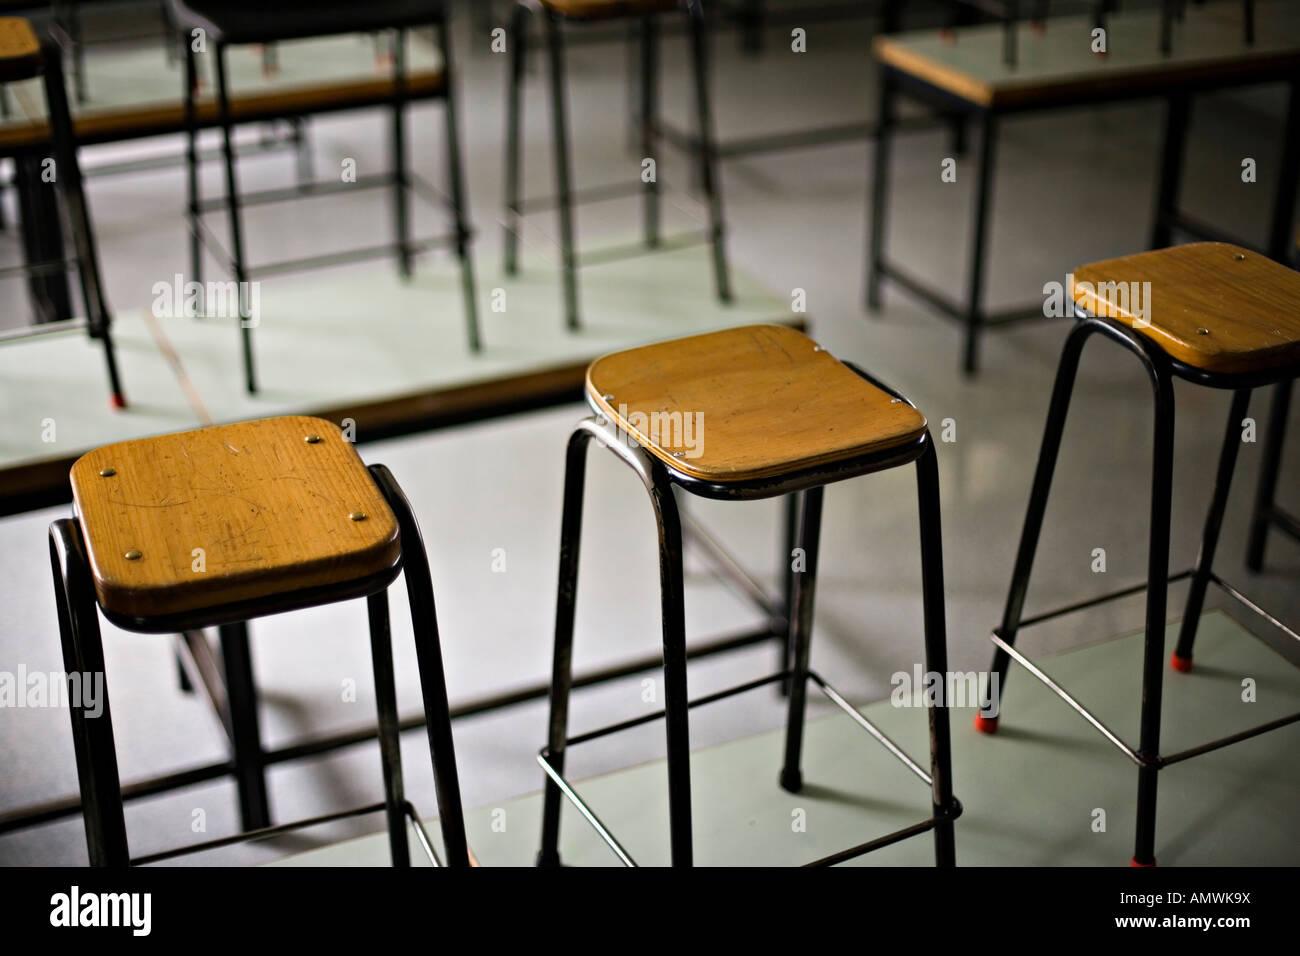 Scuola sgabelli da laboratorio foto & immagine stock: 15344677 alamy